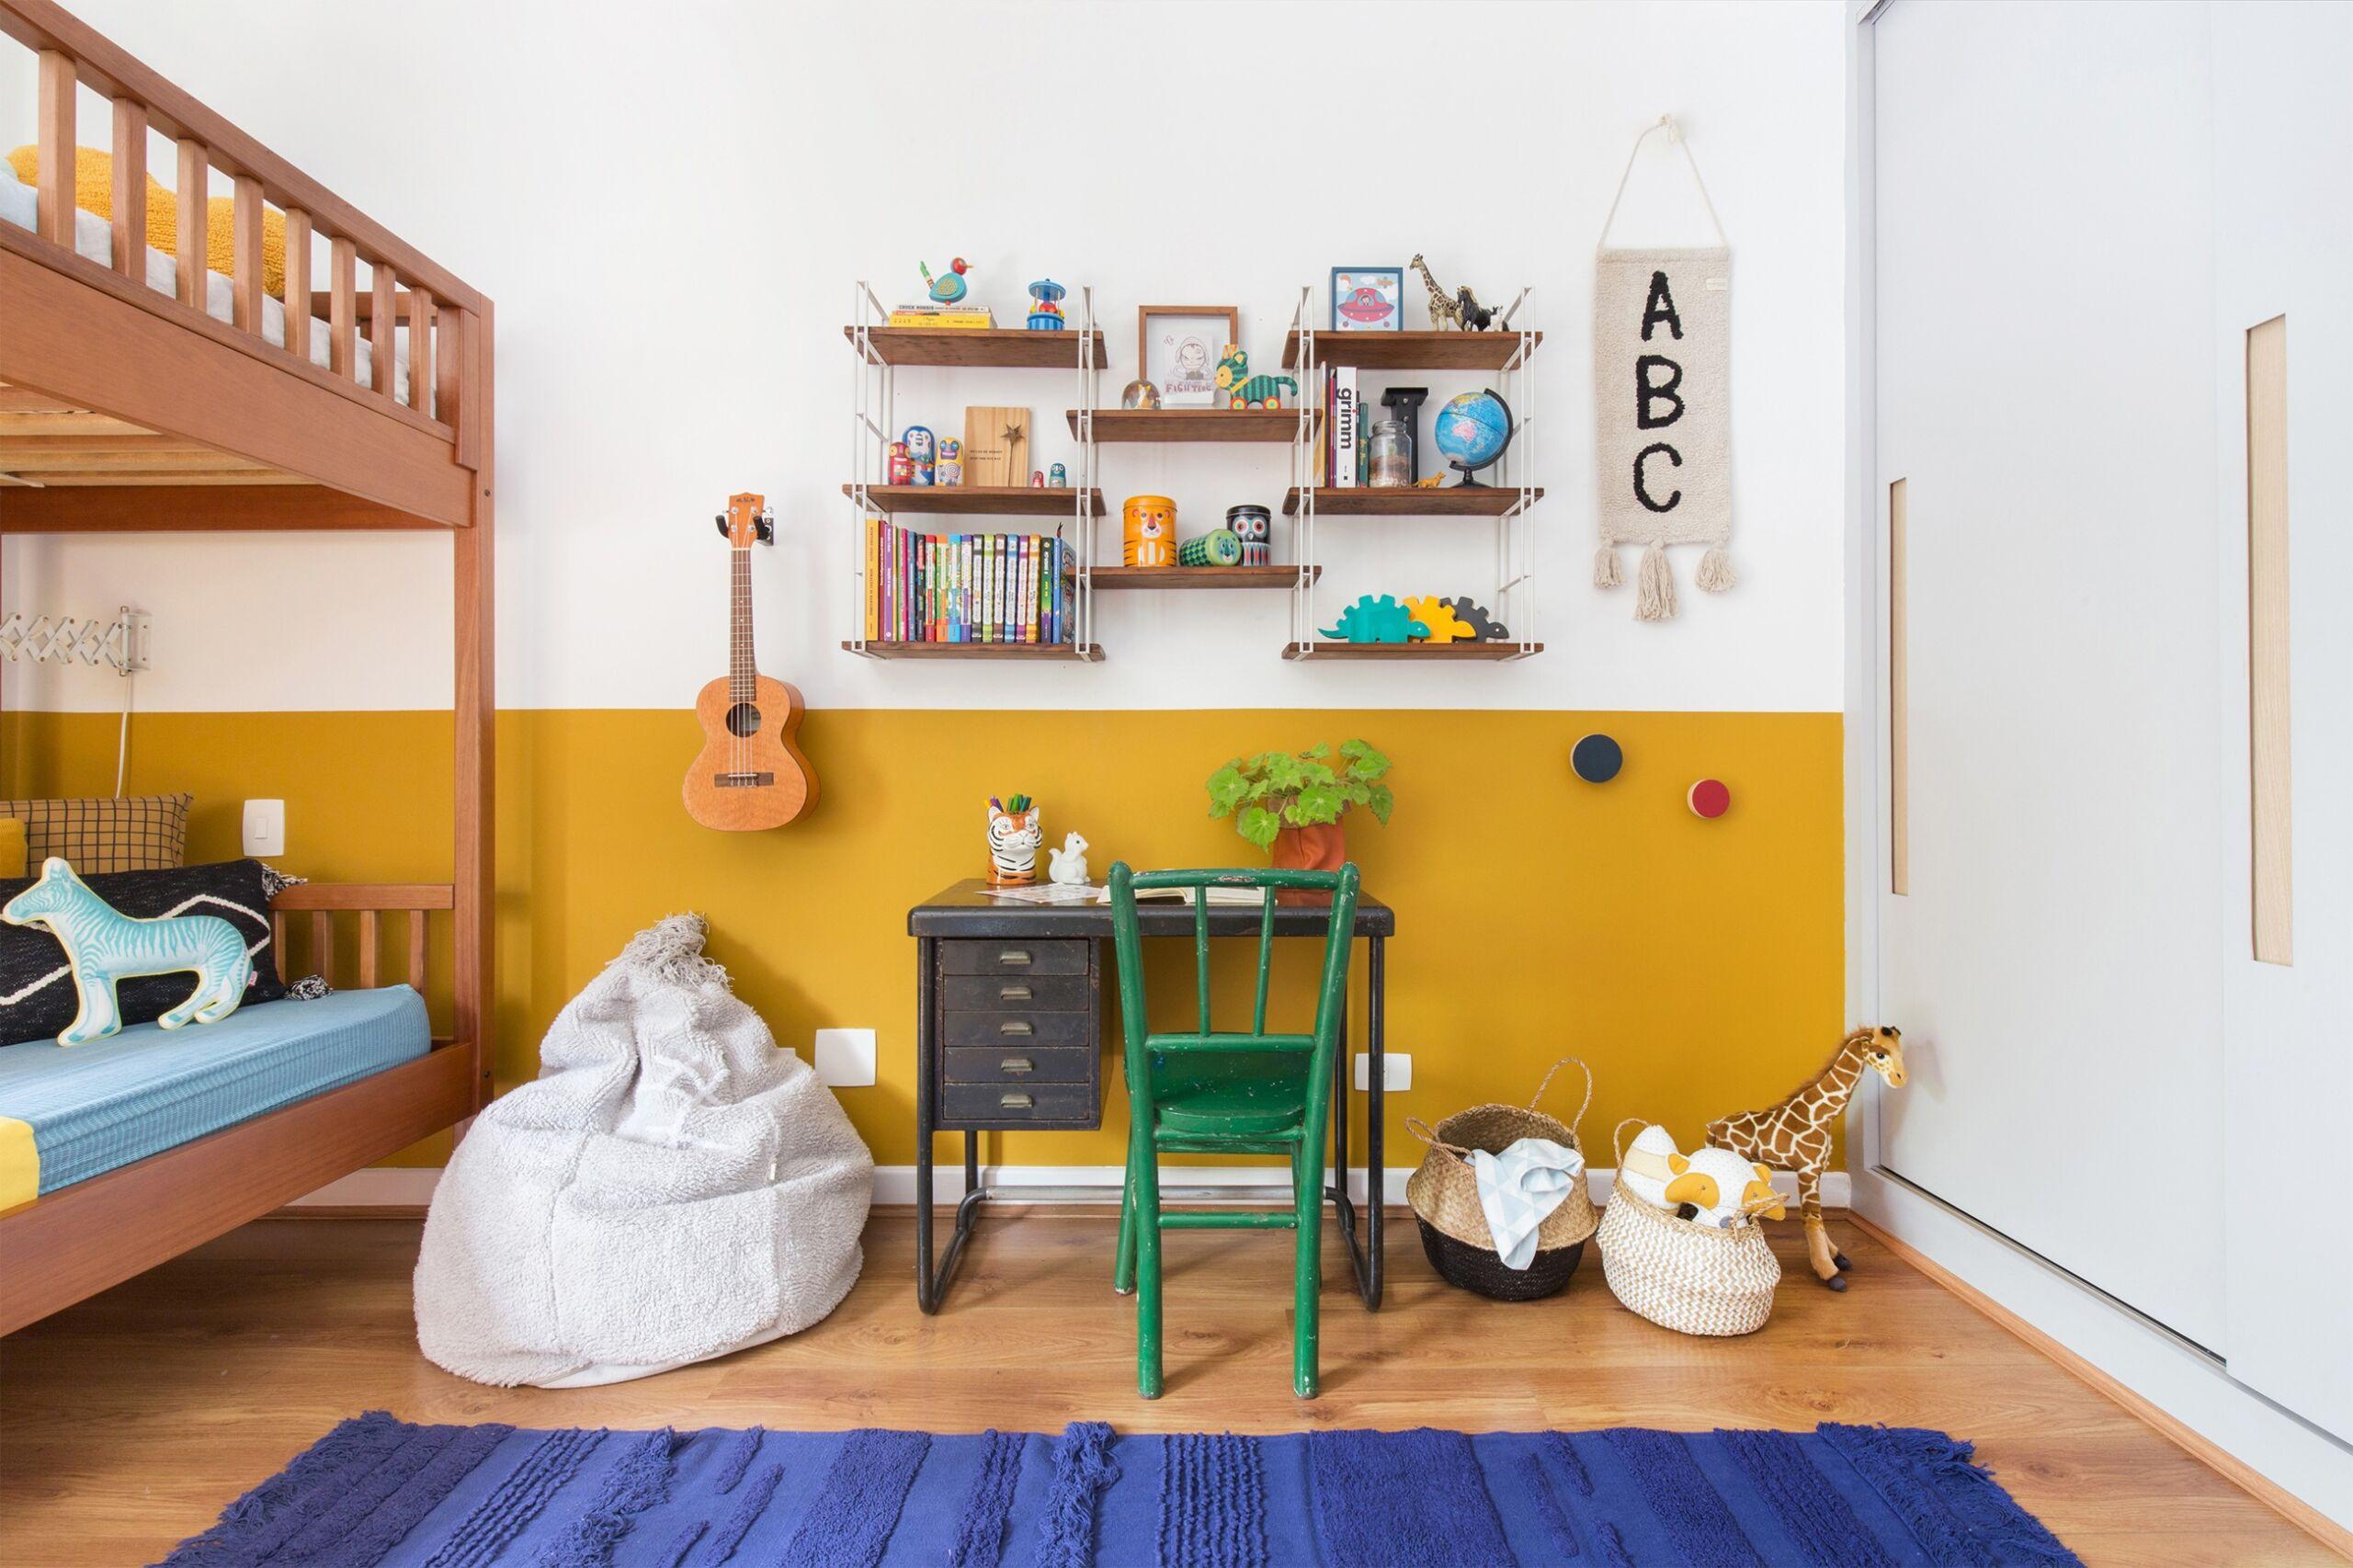 quarto infantil decoração pufe, tapete azul, meia parede amarela